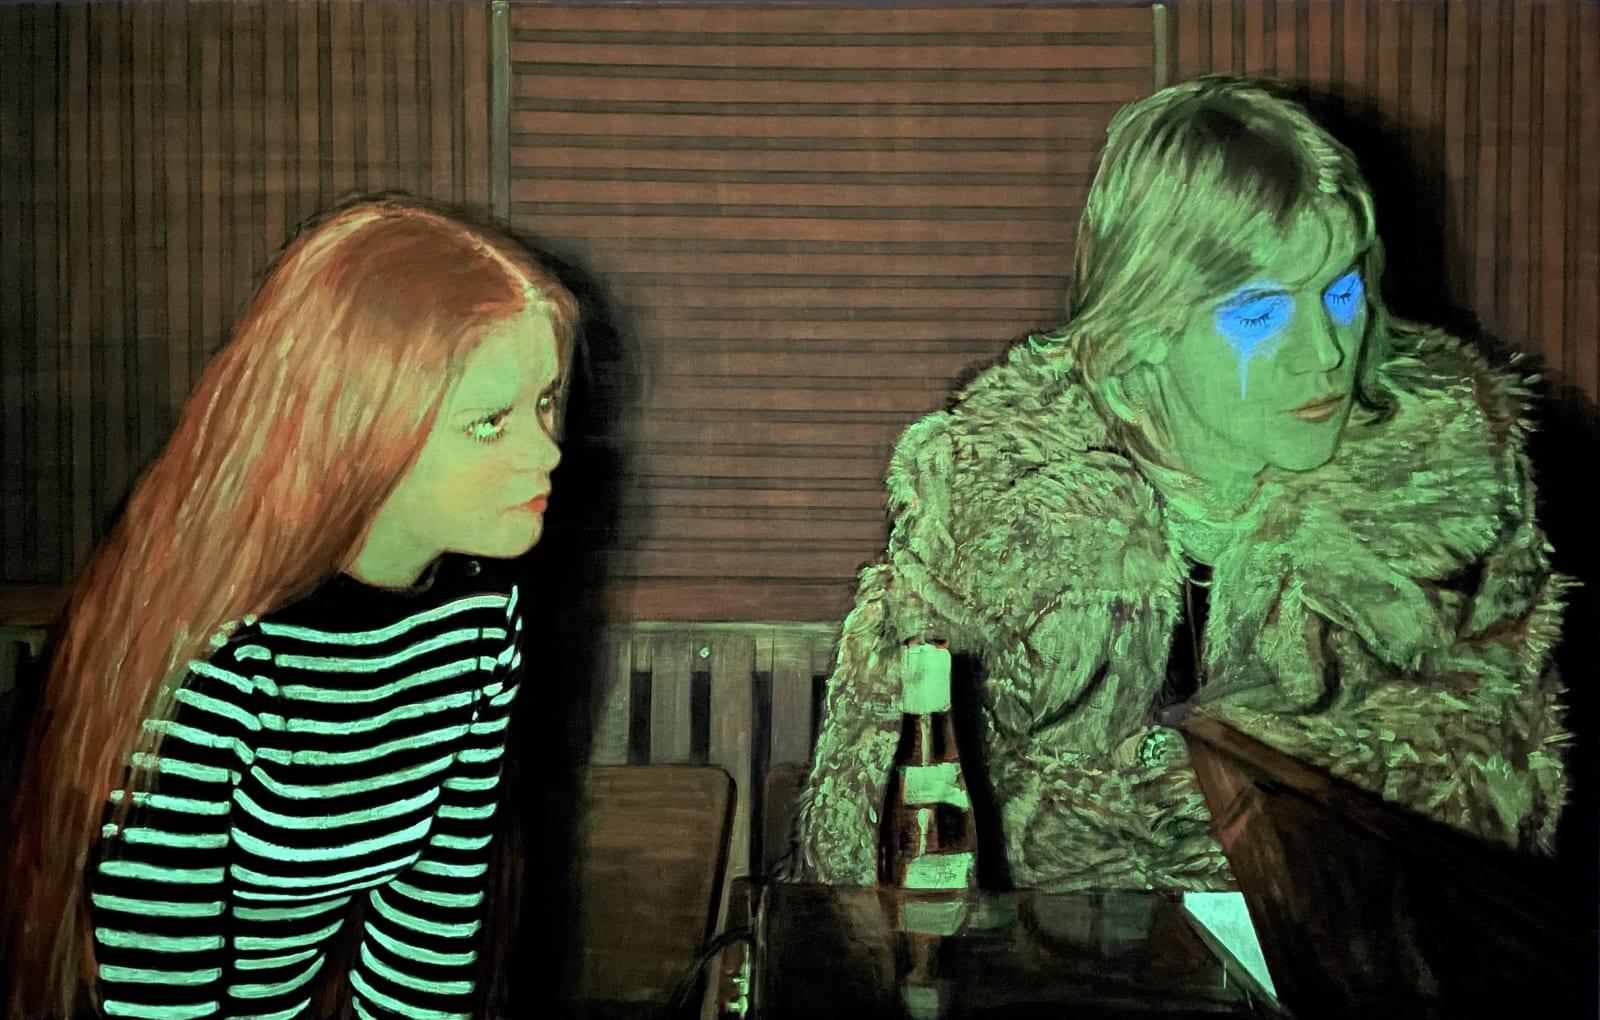 Patrick et la fille rousse, 2021 Phosphorescent view